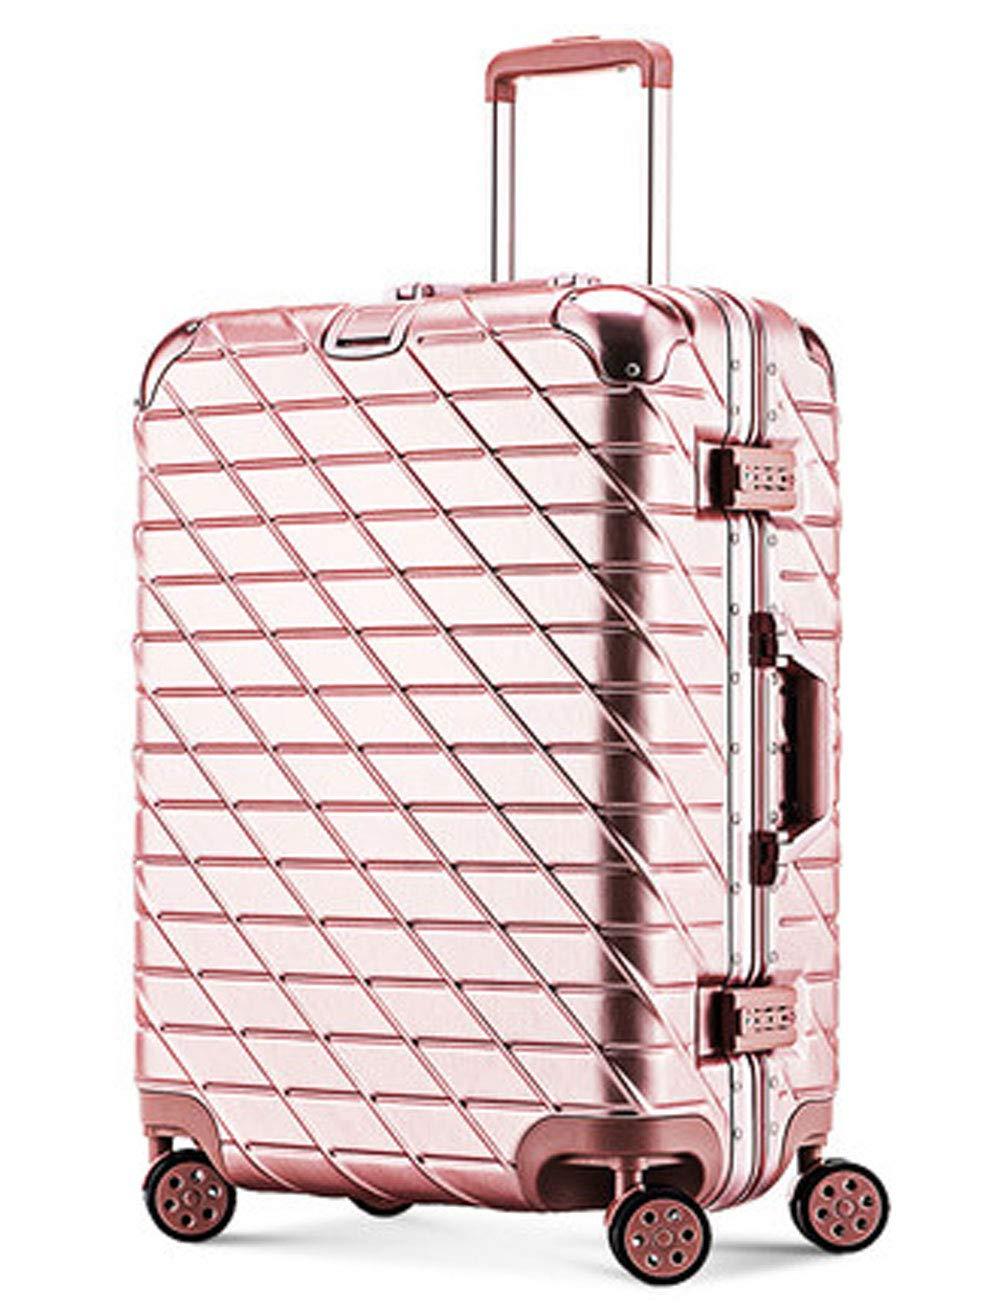 ハードシェルABSの車輪荷物、TSAのパスワードロック、サイレントローラー、伸縮自在のプルロッド、シャーシ36cm * 23cm * 48cmのボードにパスワードを移動 (色 : Pink)   B07GSY5DGW